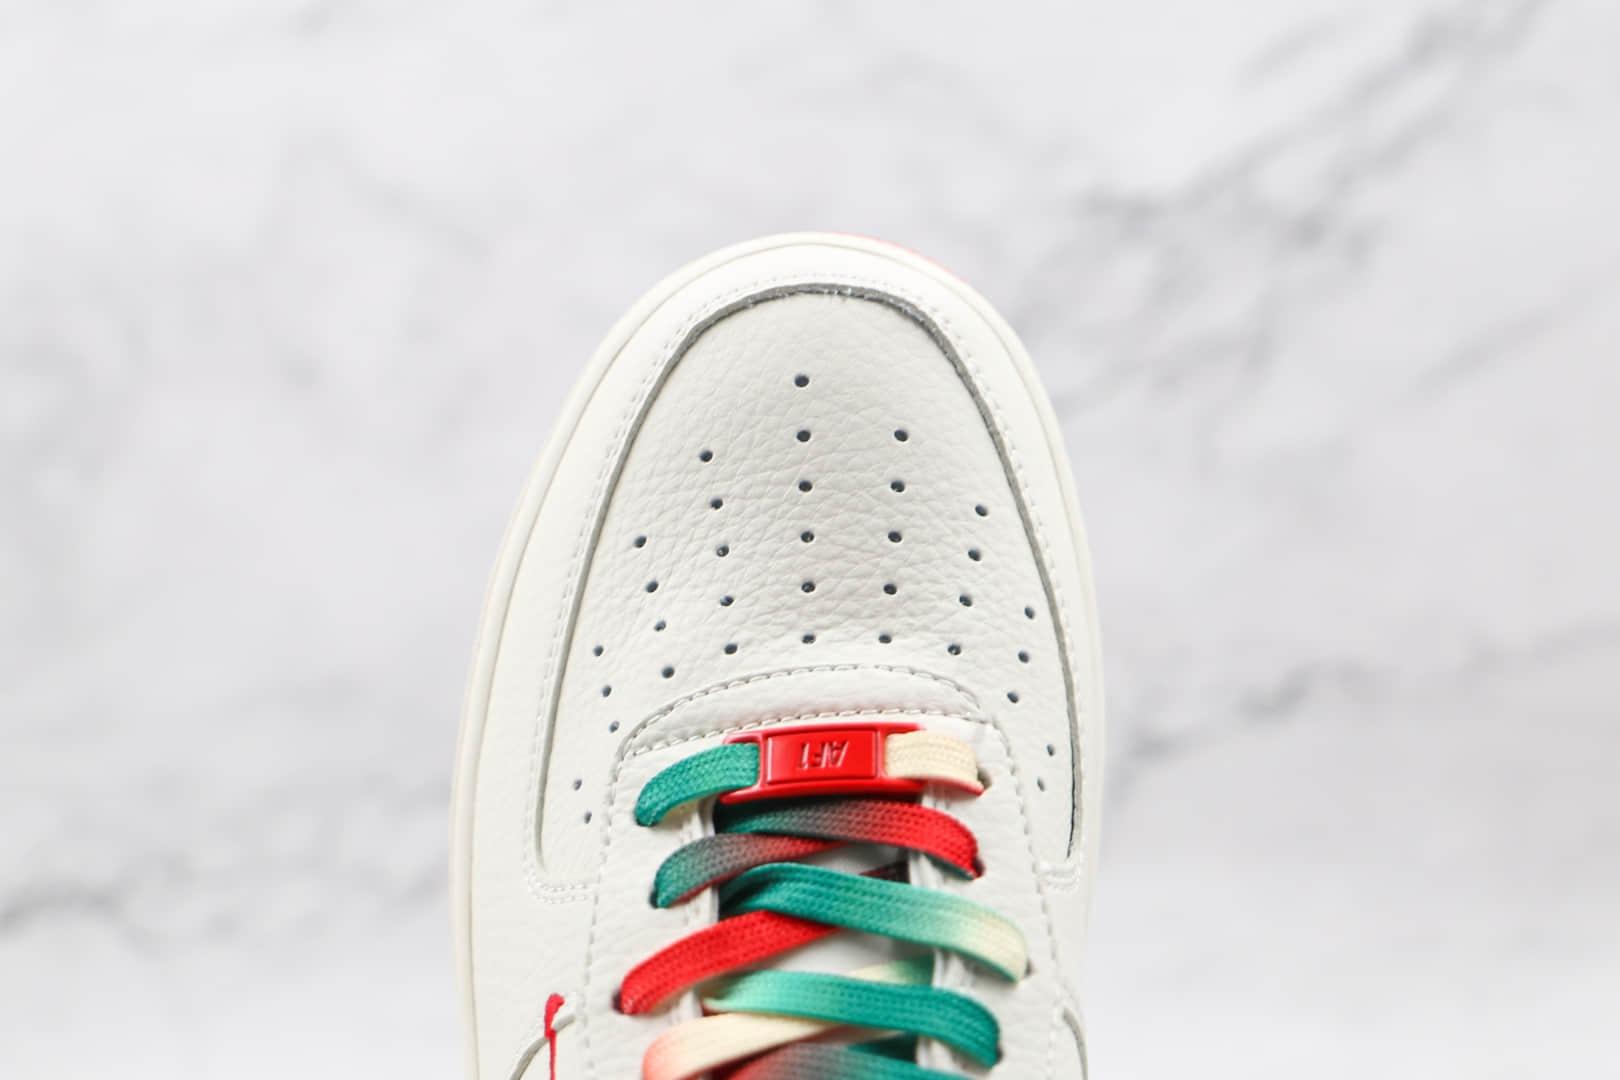 耐克Nike Air Force 1 Low '07纯原版本低帮空军一号白橙绿色双钩板鞋内置气垫 货号:BU6638-180